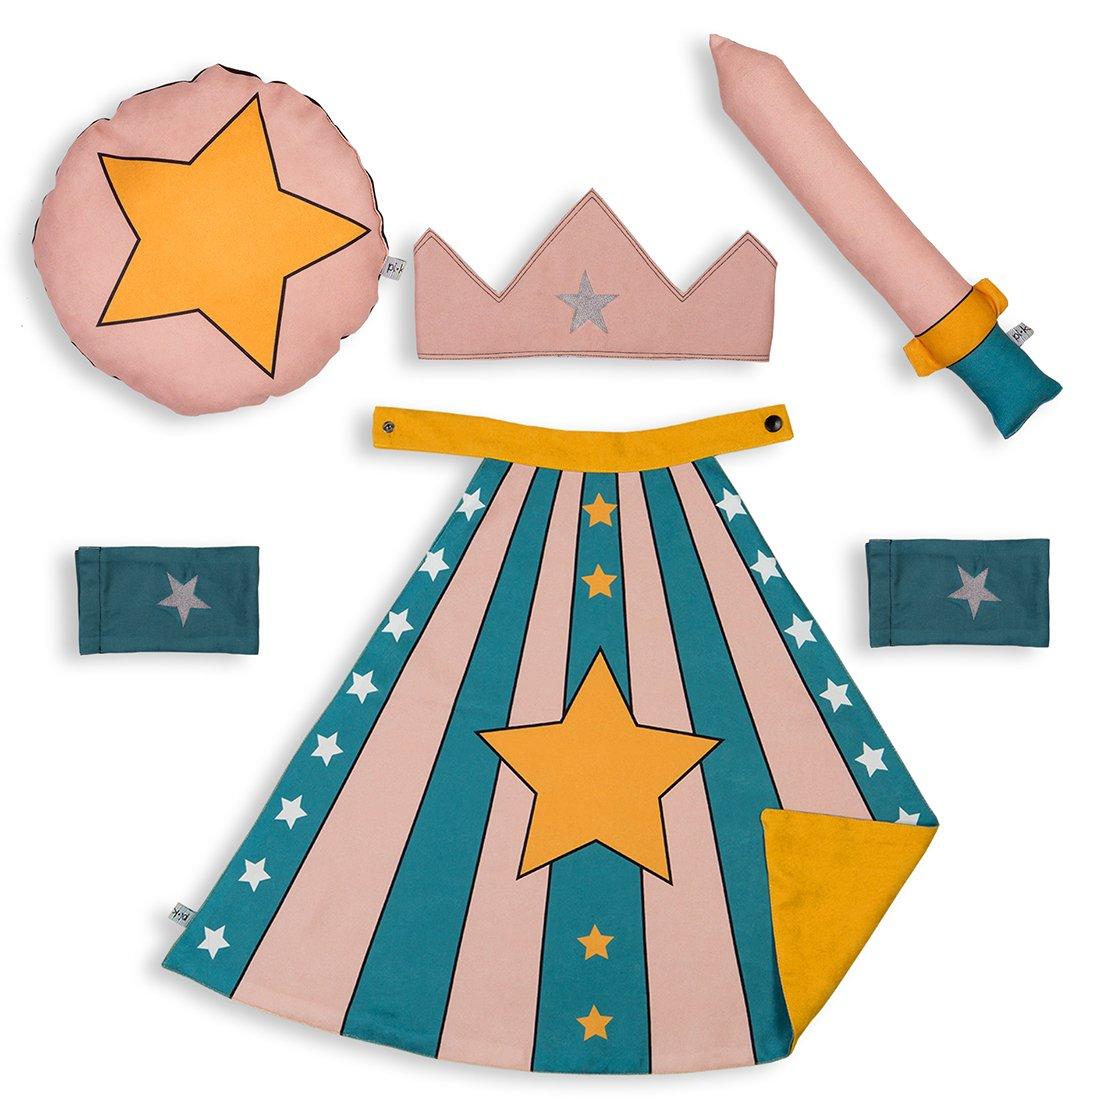 Pikabu Yıldızlı Çocuk Pelerin Seti - Yeşil 0